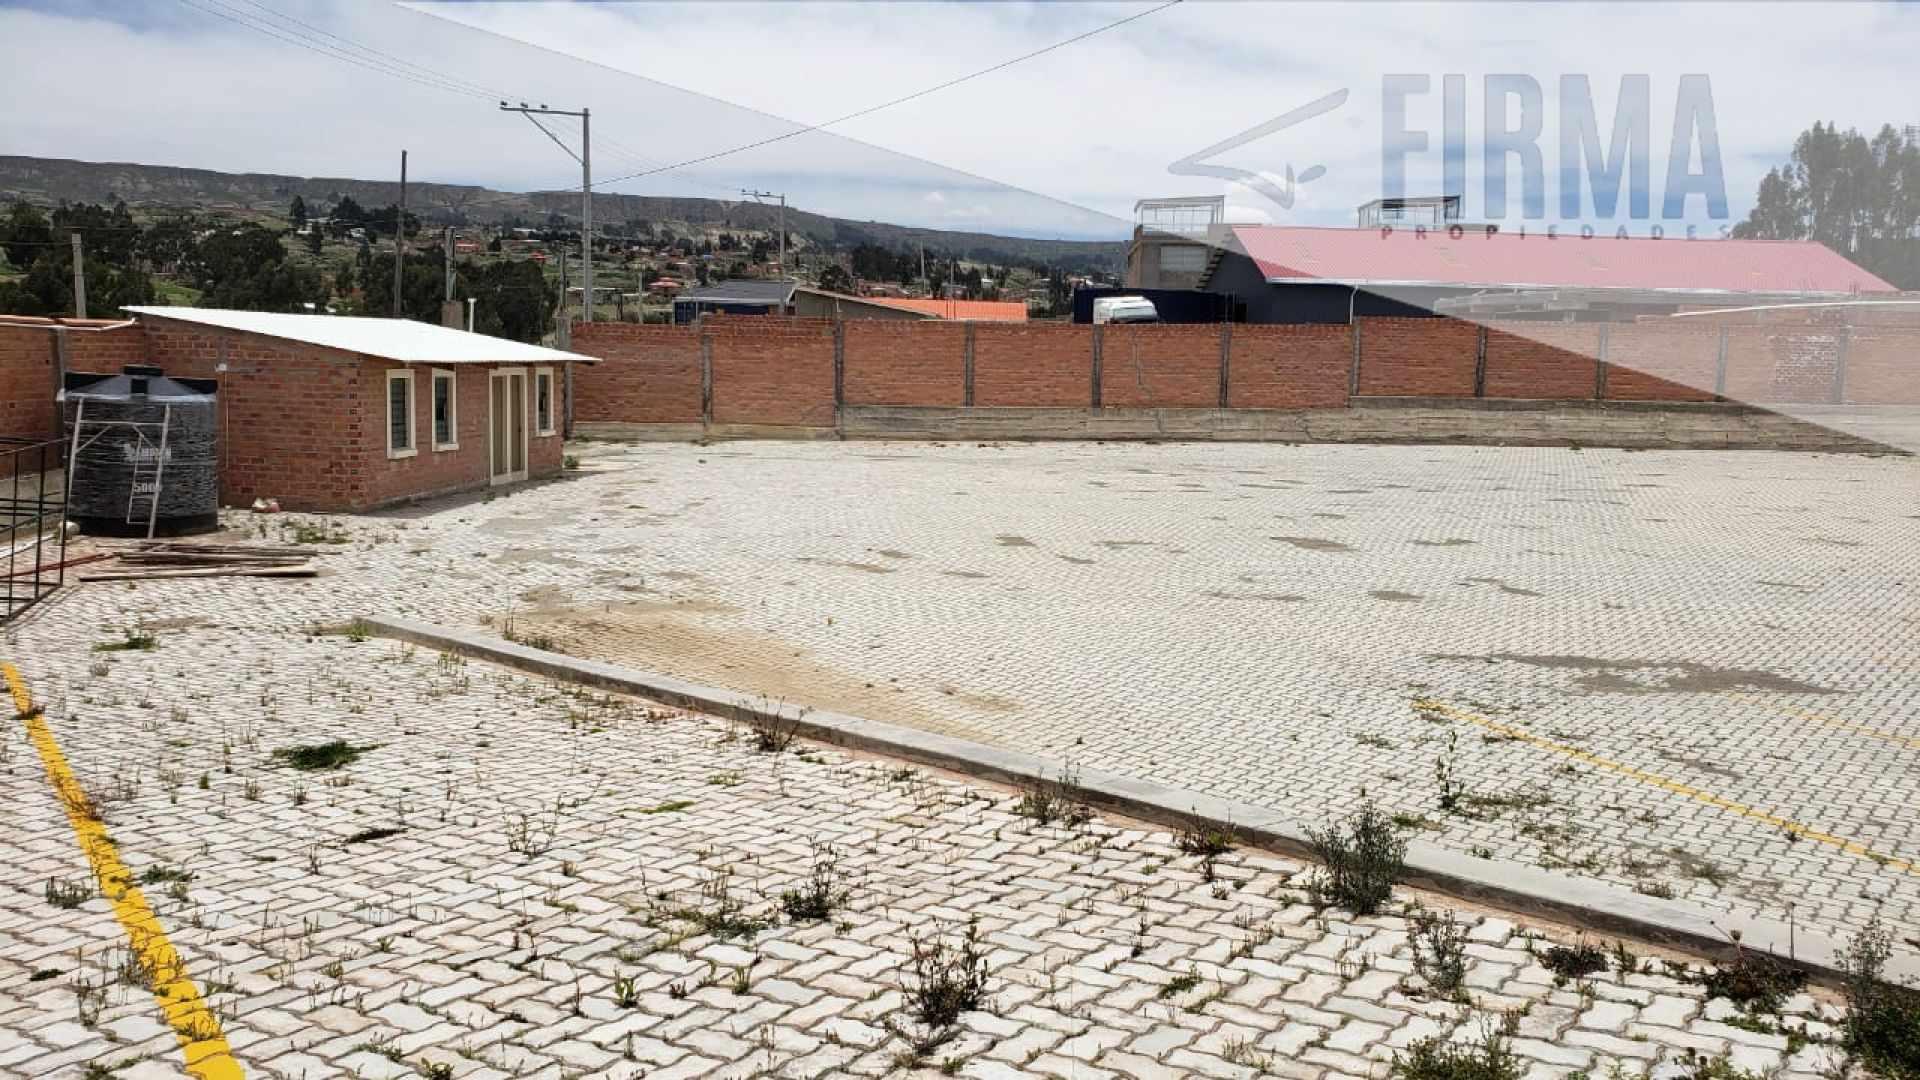 Galpón en Alquiler ACHOCALLA, GALPONES EN ALQULER A 15 MINUTOS DE LA ZONA SUR Foto 3